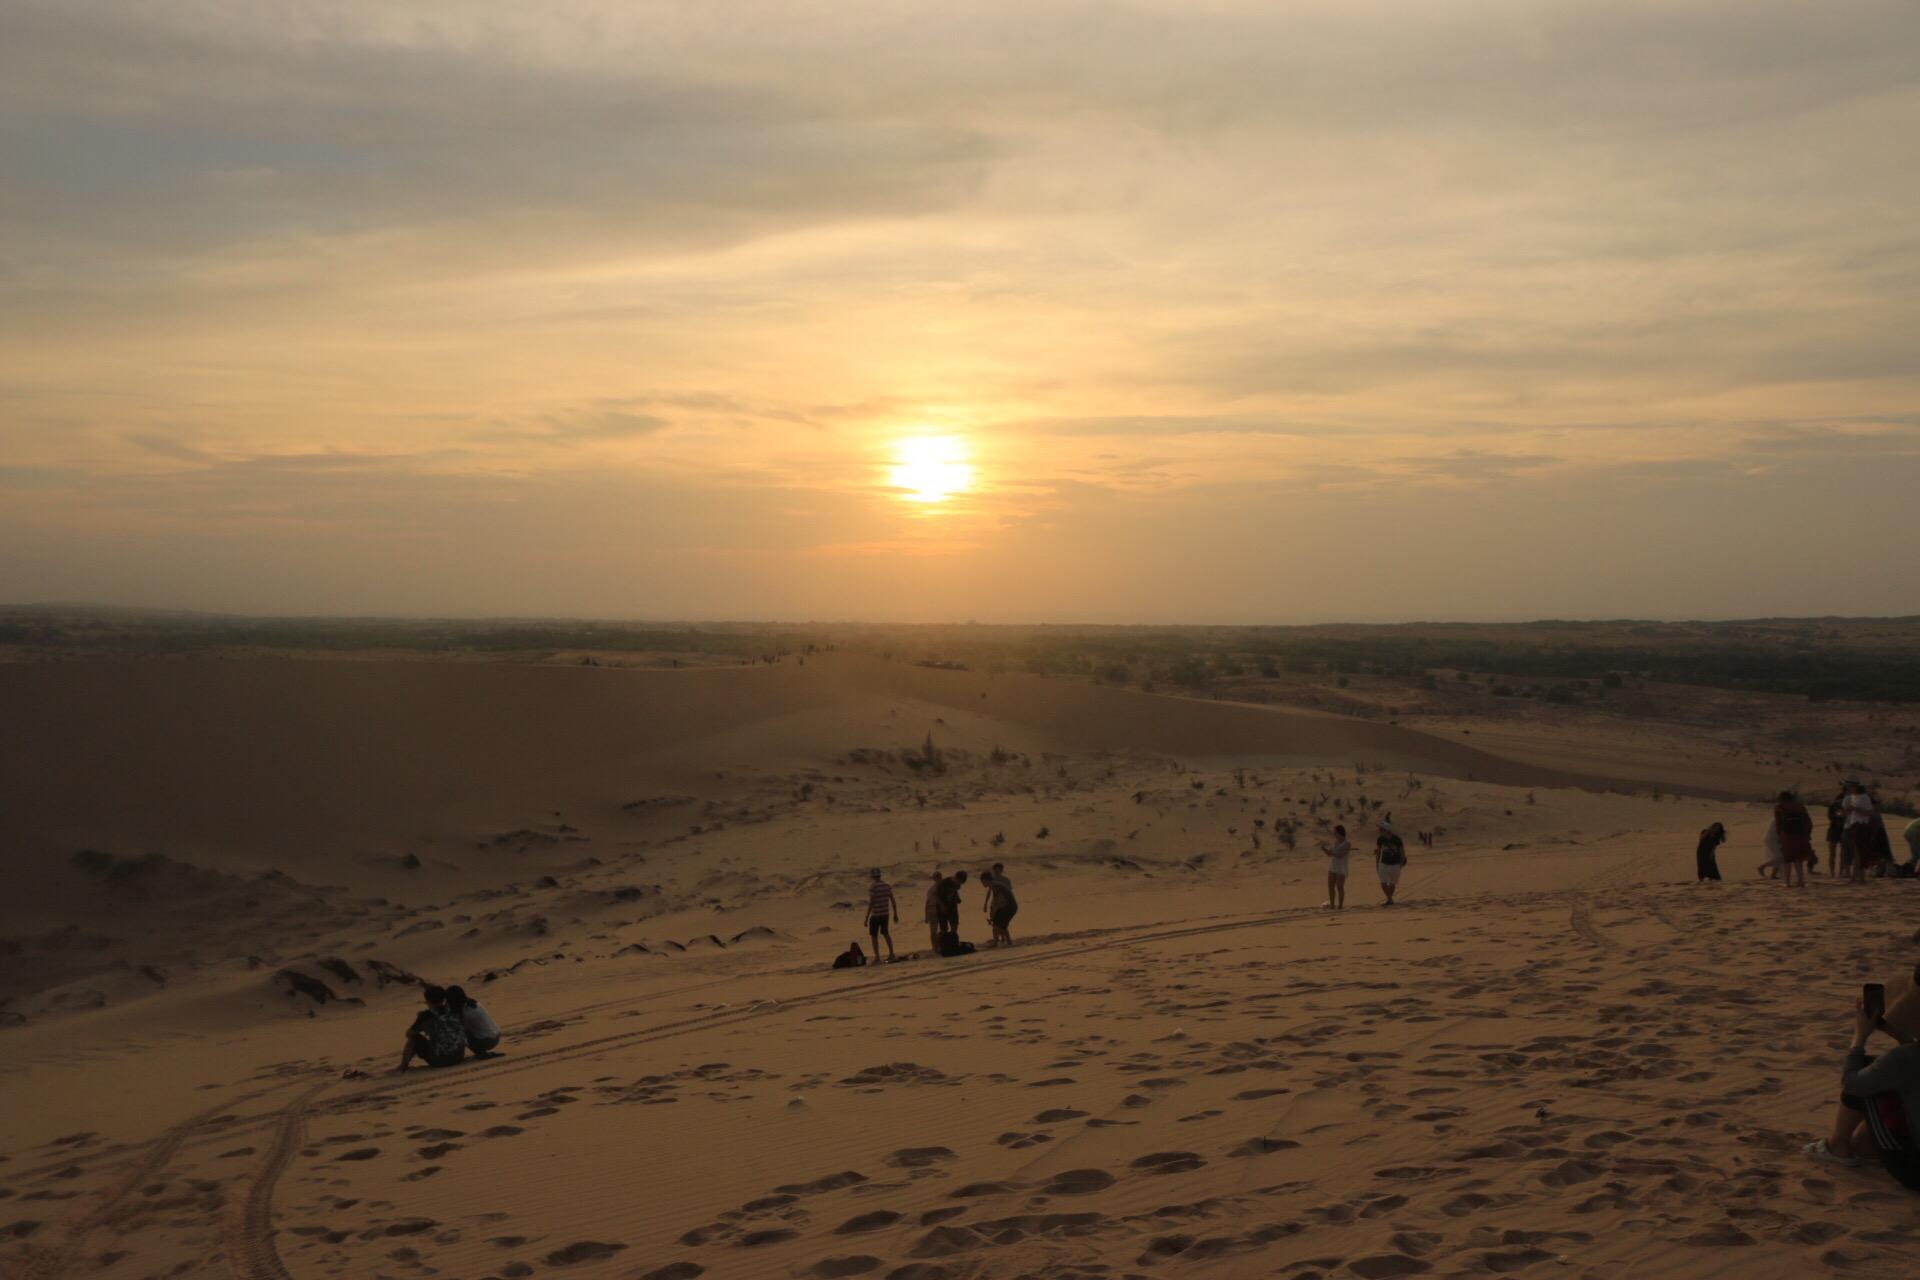 Kurz nach 6 Uhr, die ganze Wüste wurde in ein unbeschreibliches Licht eingehüllt.